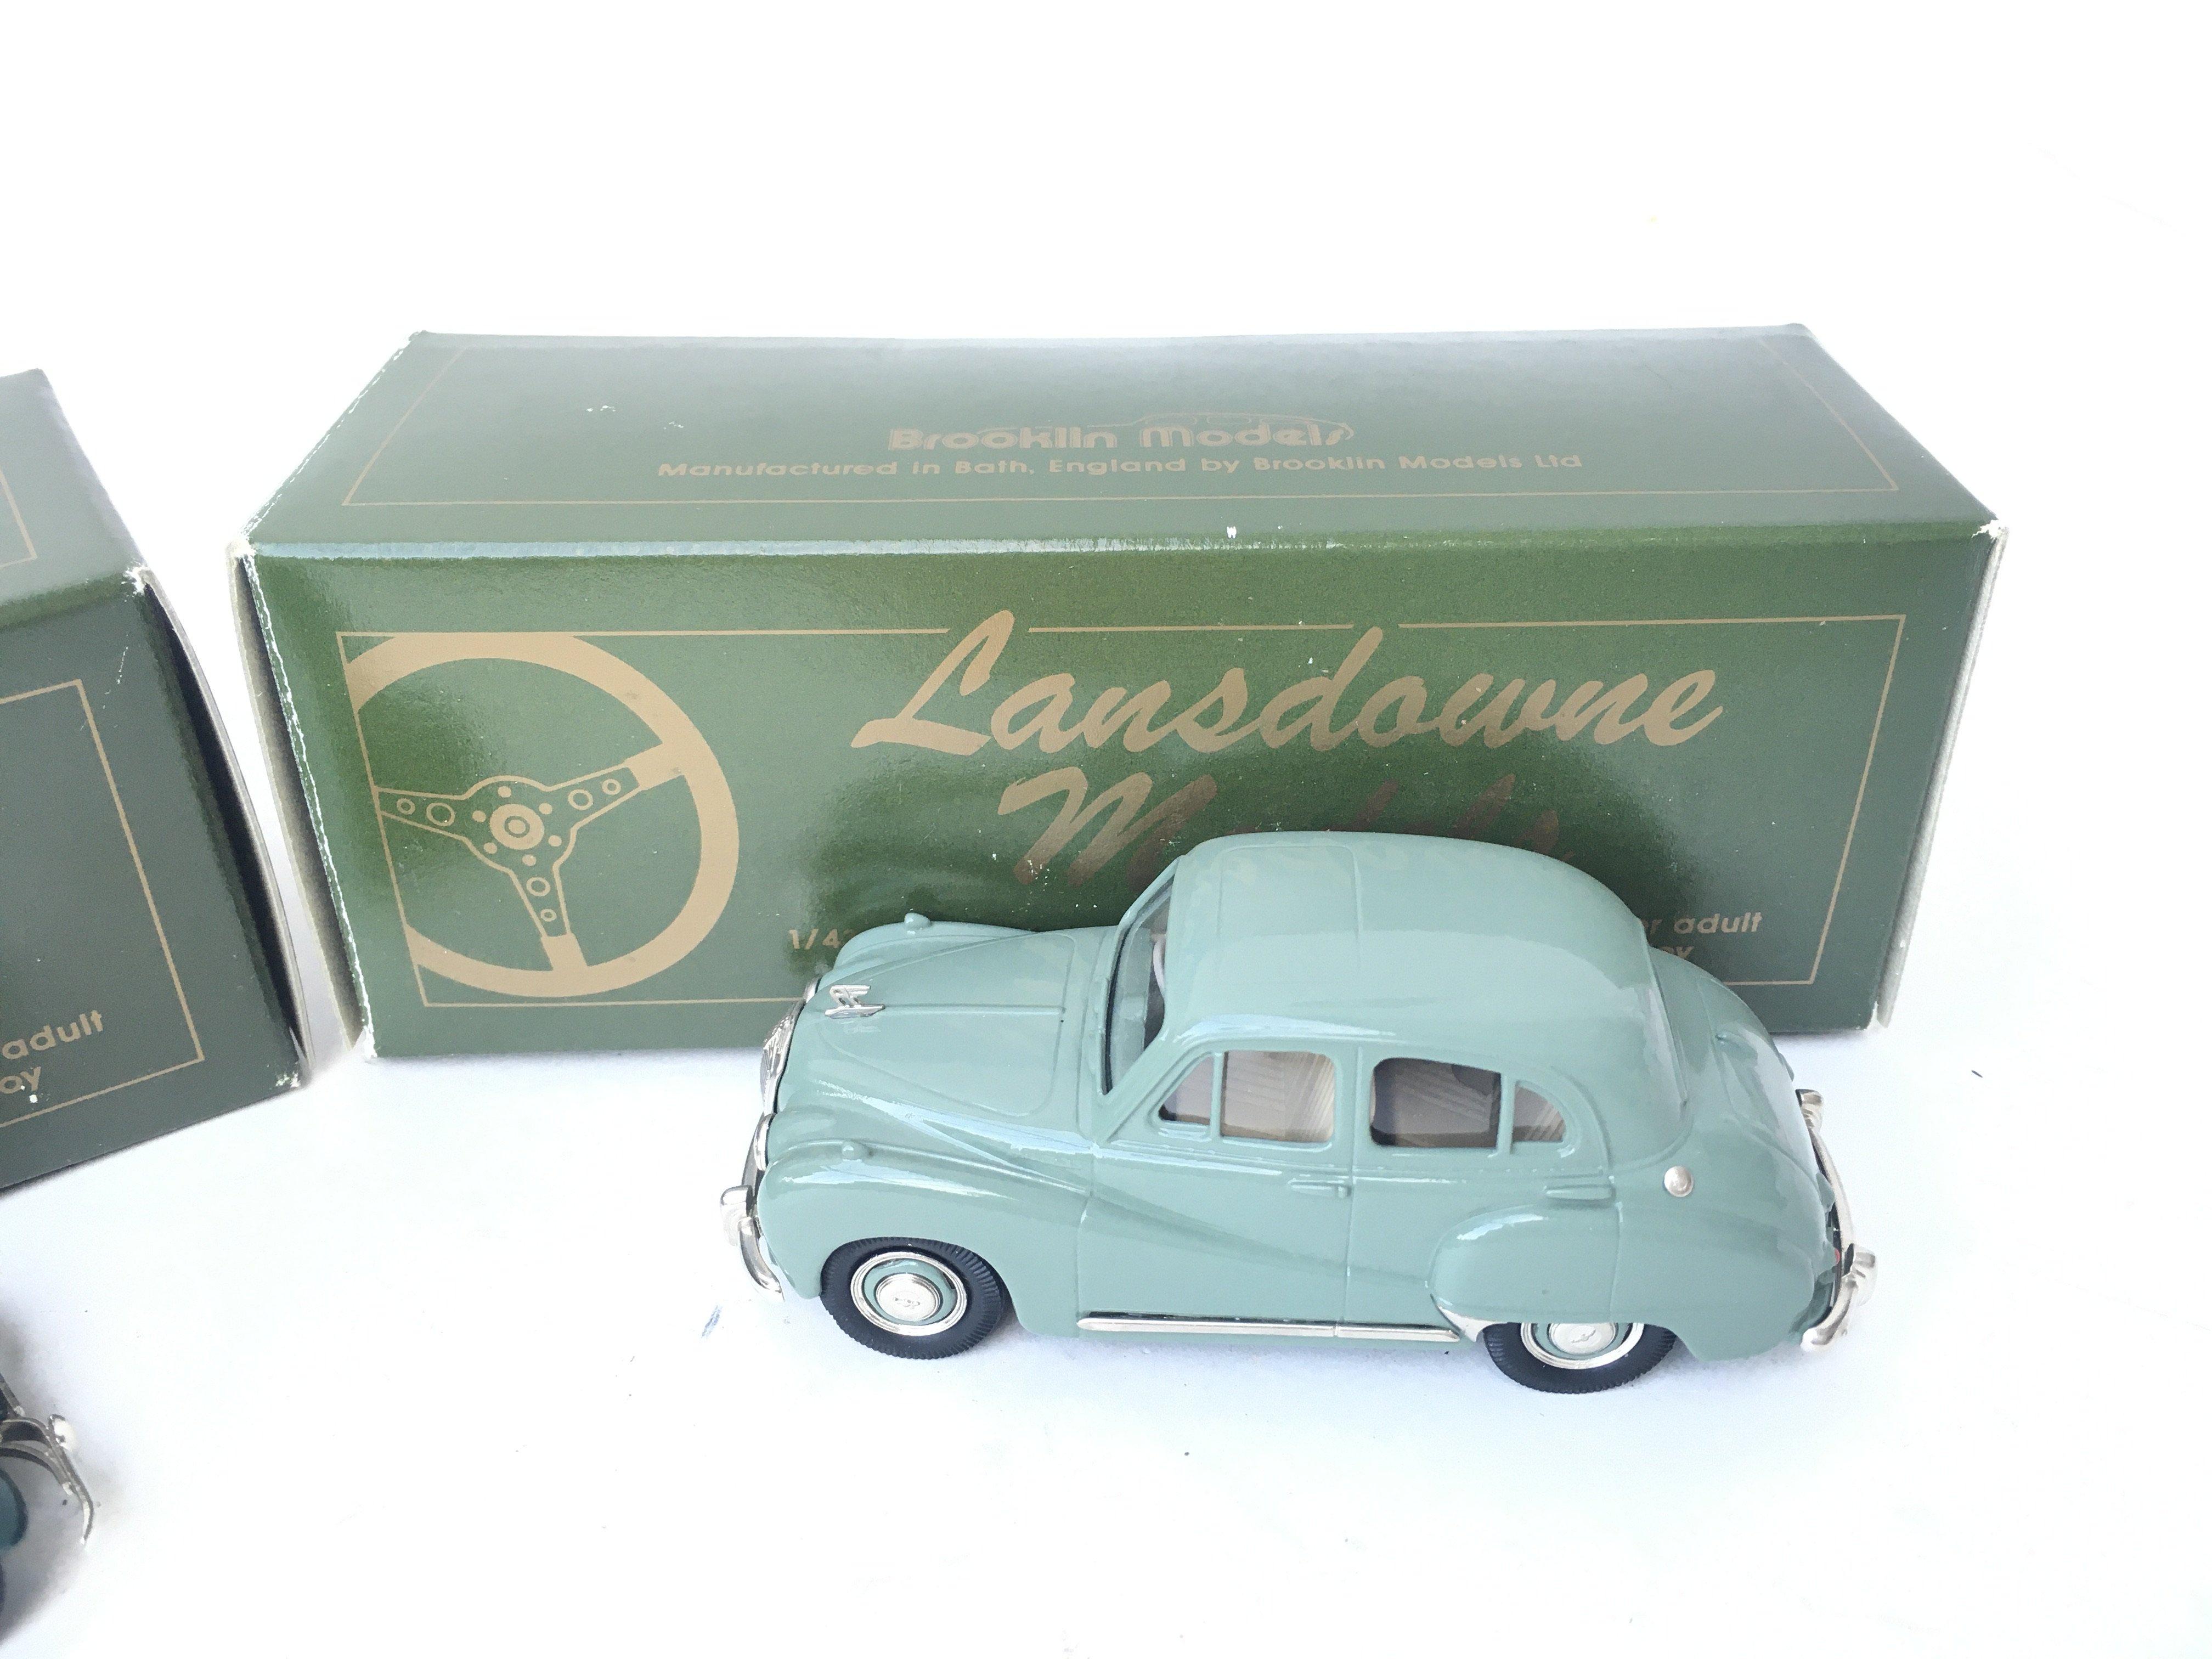 2 X Lansdowne Models including LDM 21 1950 Lea Fra - Image 3 of 3